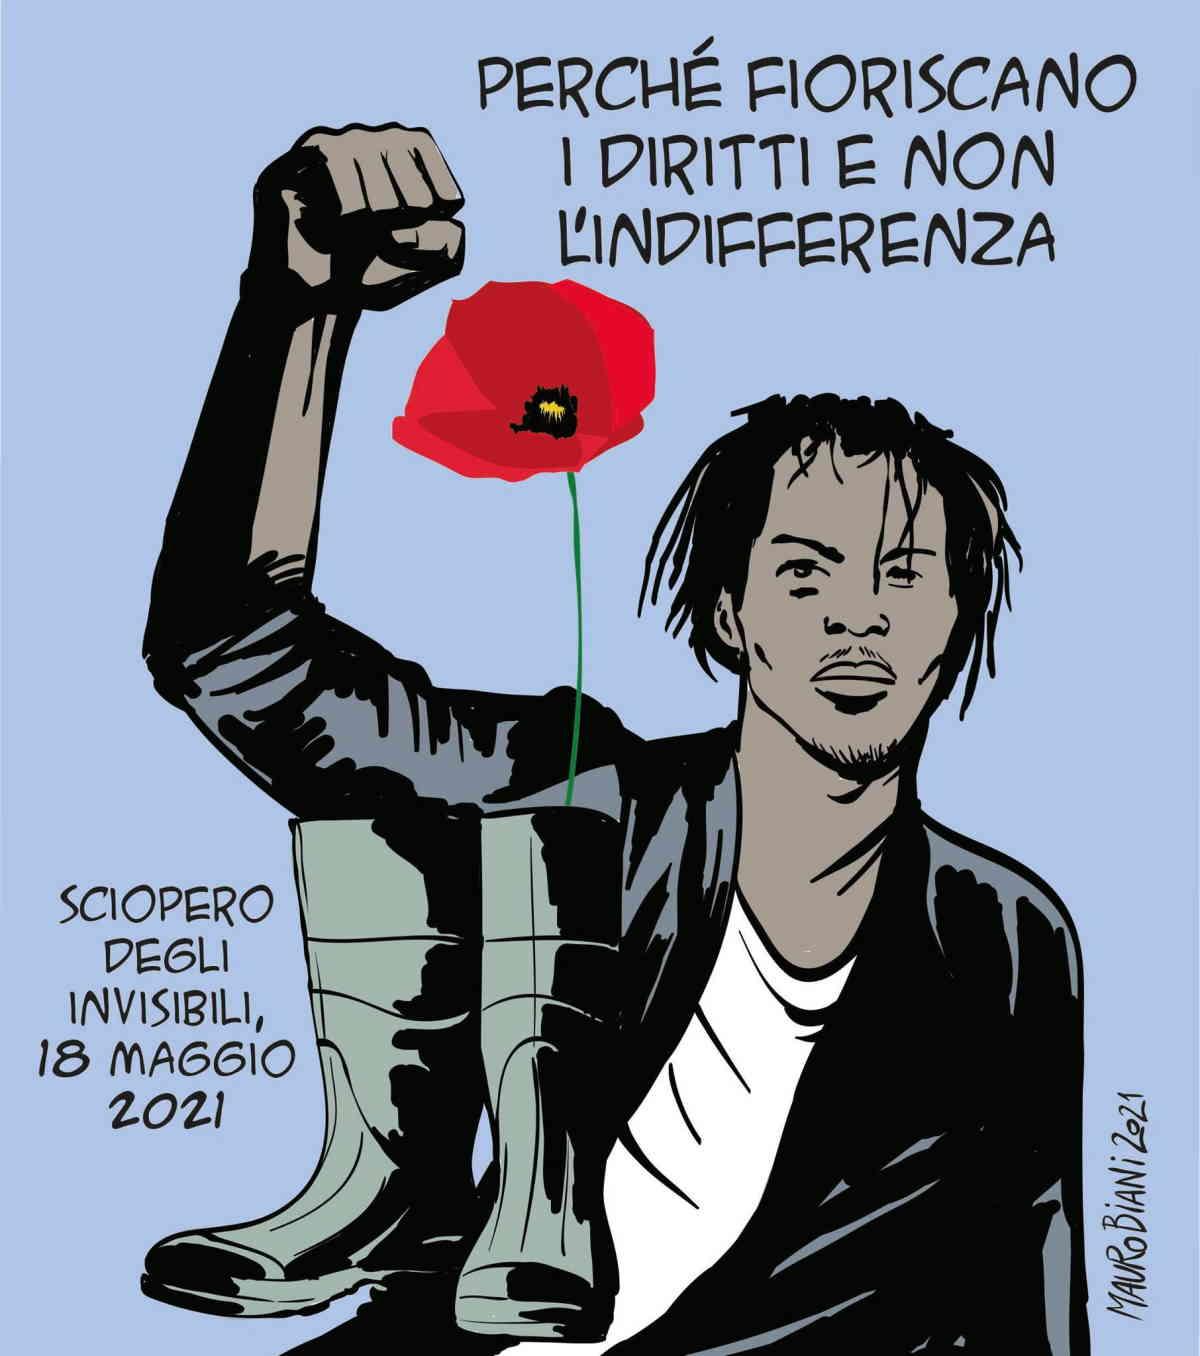 A Roma la protesta degli invisibili guidata da Aboubakar Soumahoro